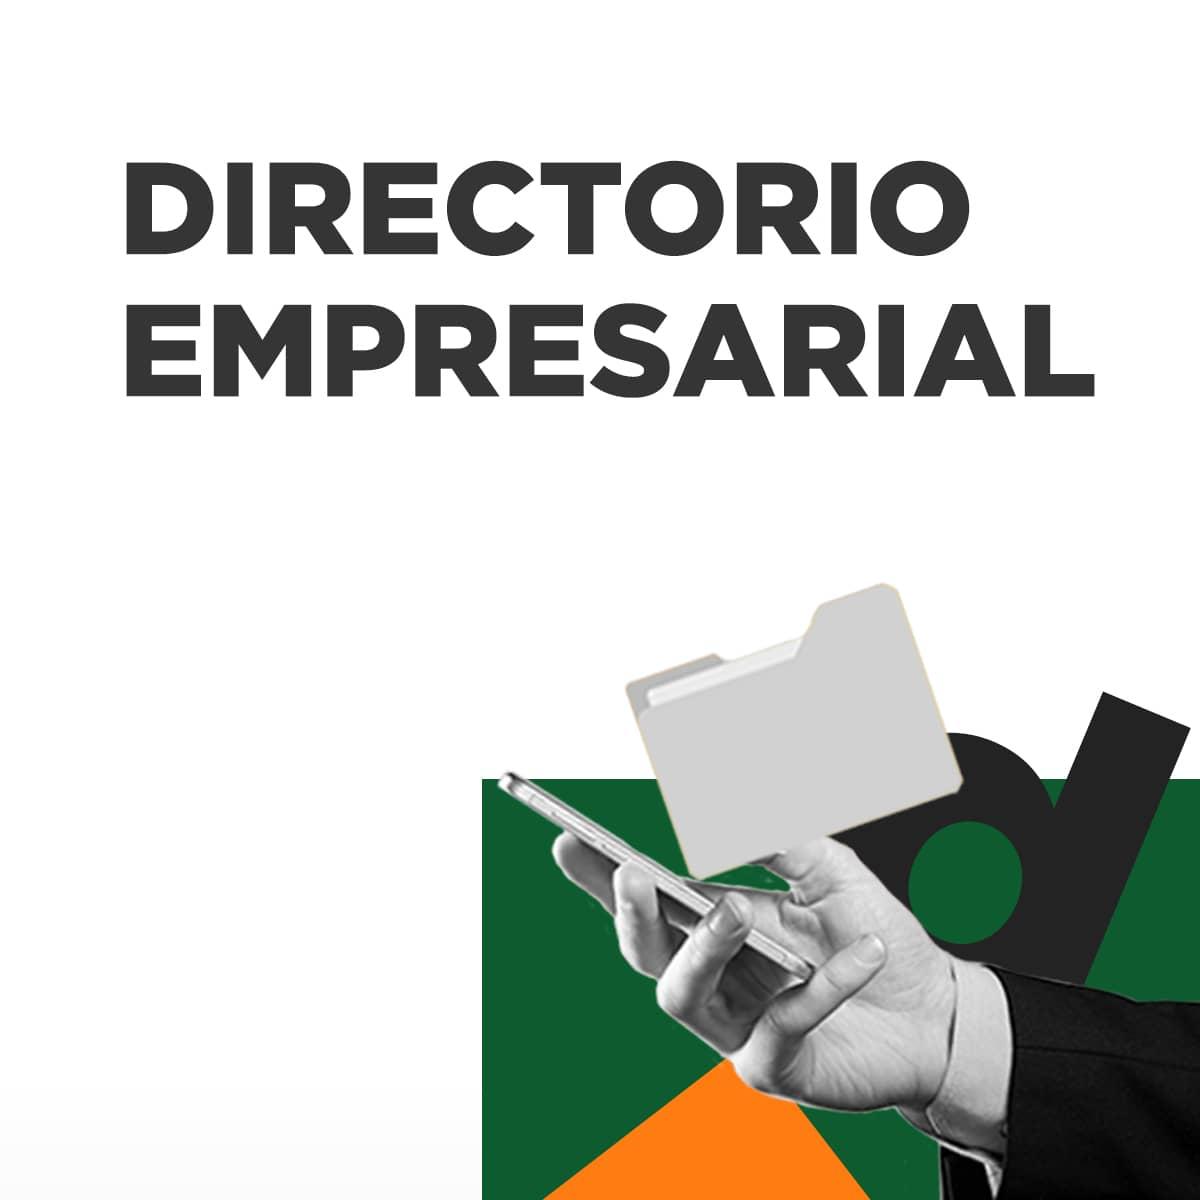 Directorio Empresarial Egresados UDLAP